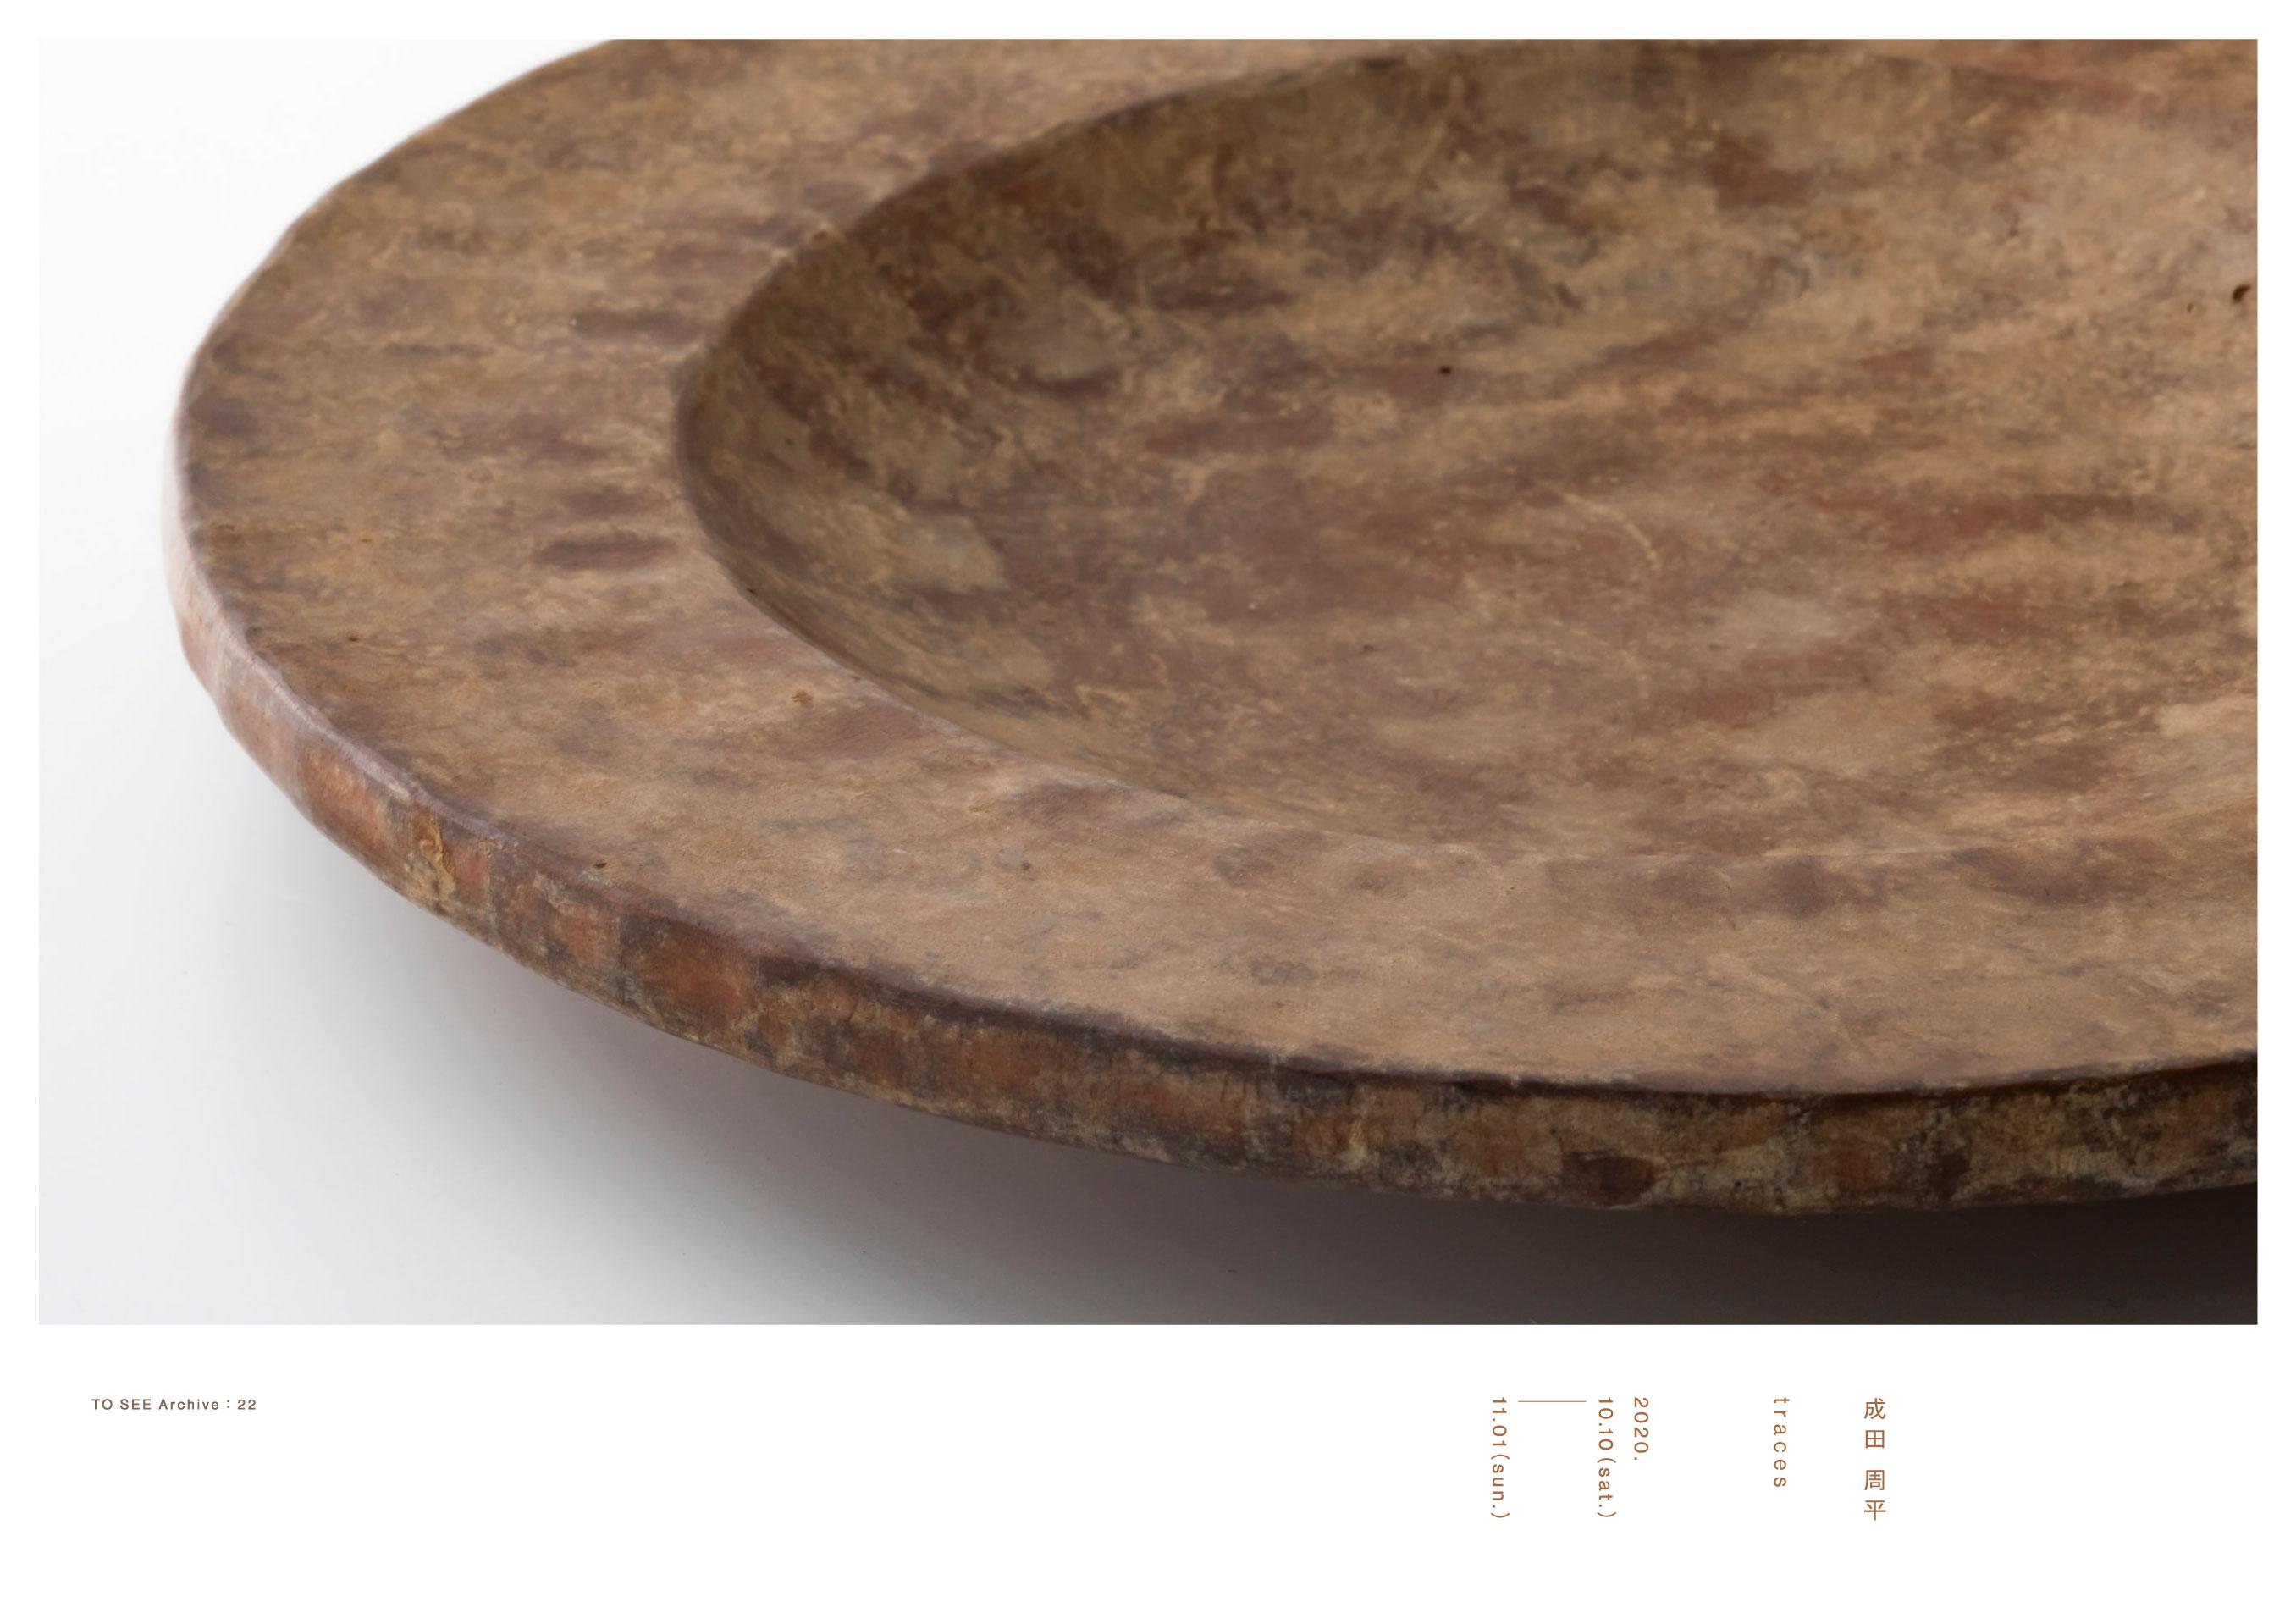 企画展《TO SEE Archive:22》 <br>成田周平 個展『traces』